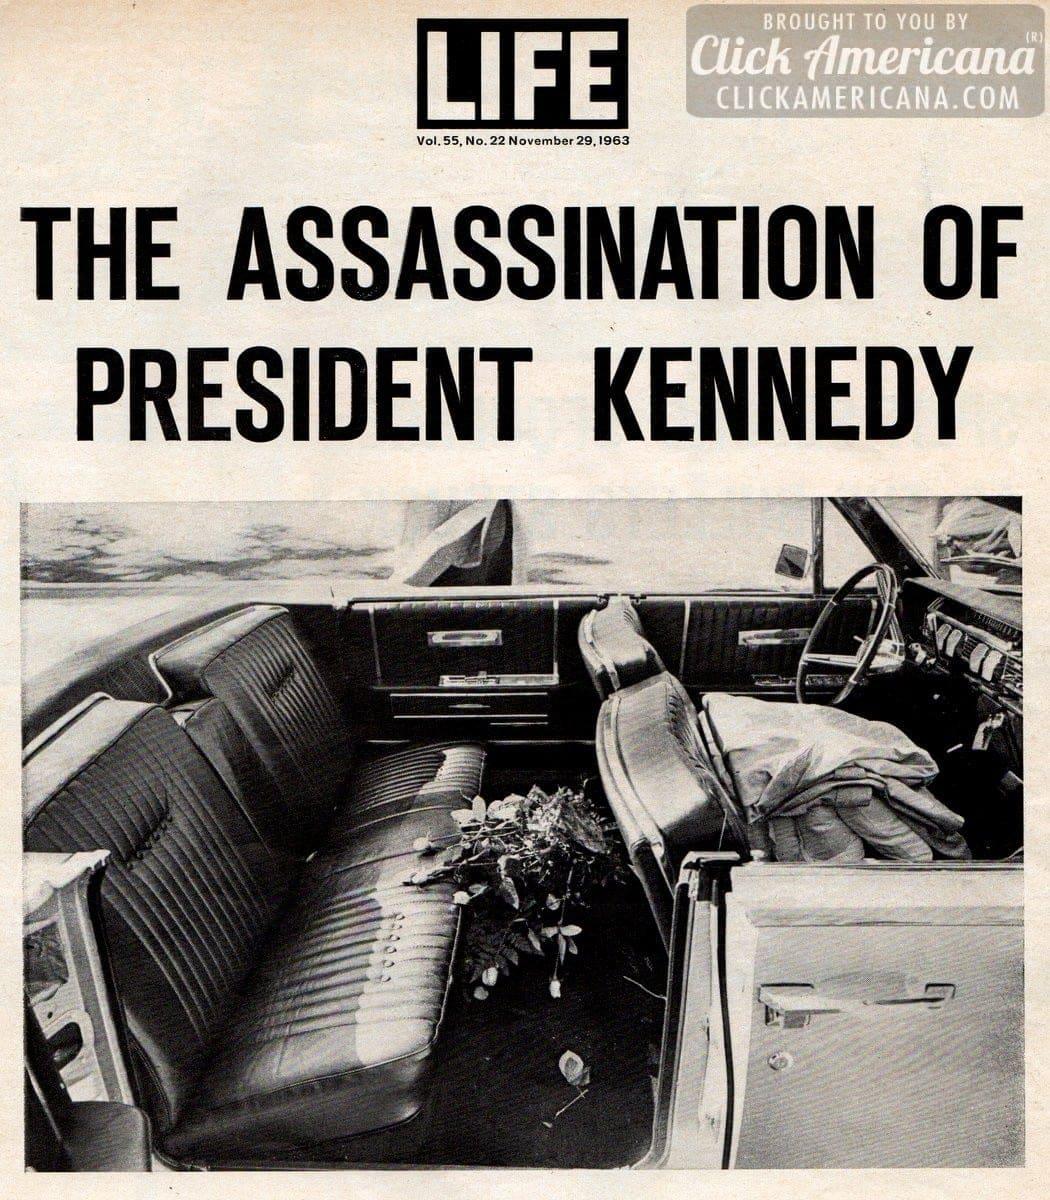 http://clickamericana.com/wp-content/uploads/11-29-1963-life-kennedy.jpg